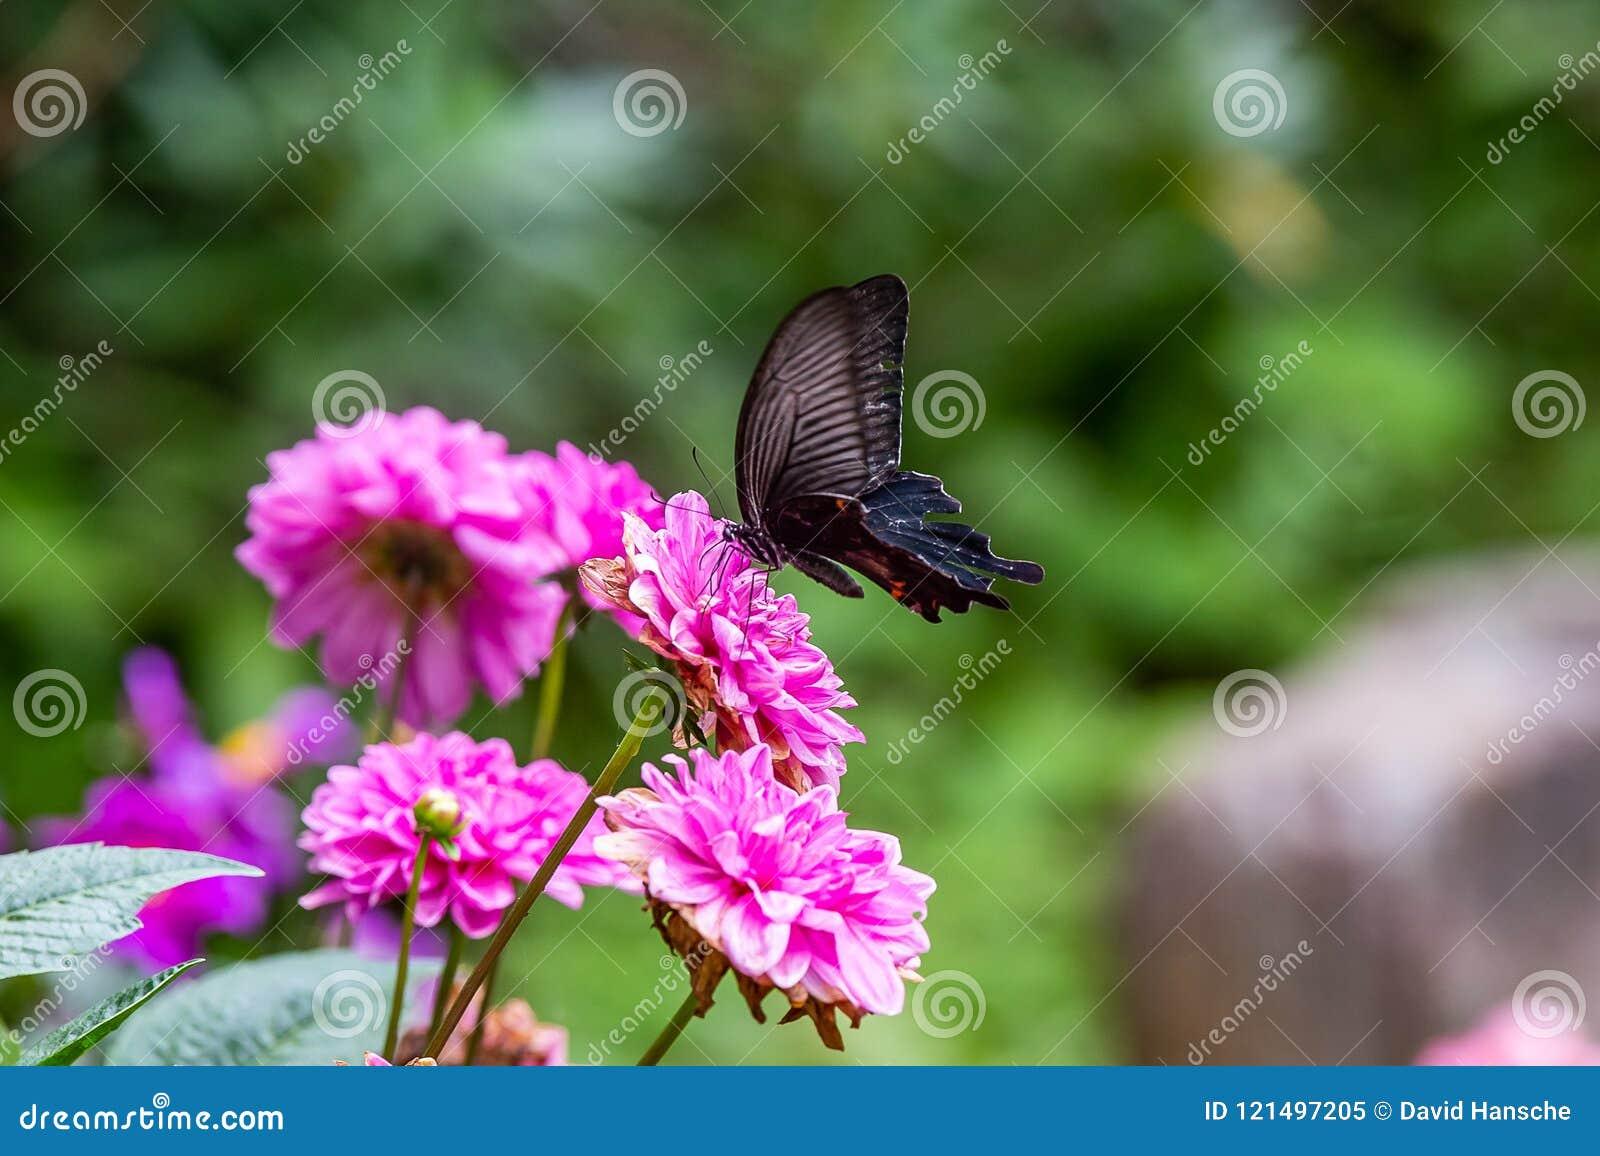 Japanischer schwarzer Flitterschmetterling auf einer Blume